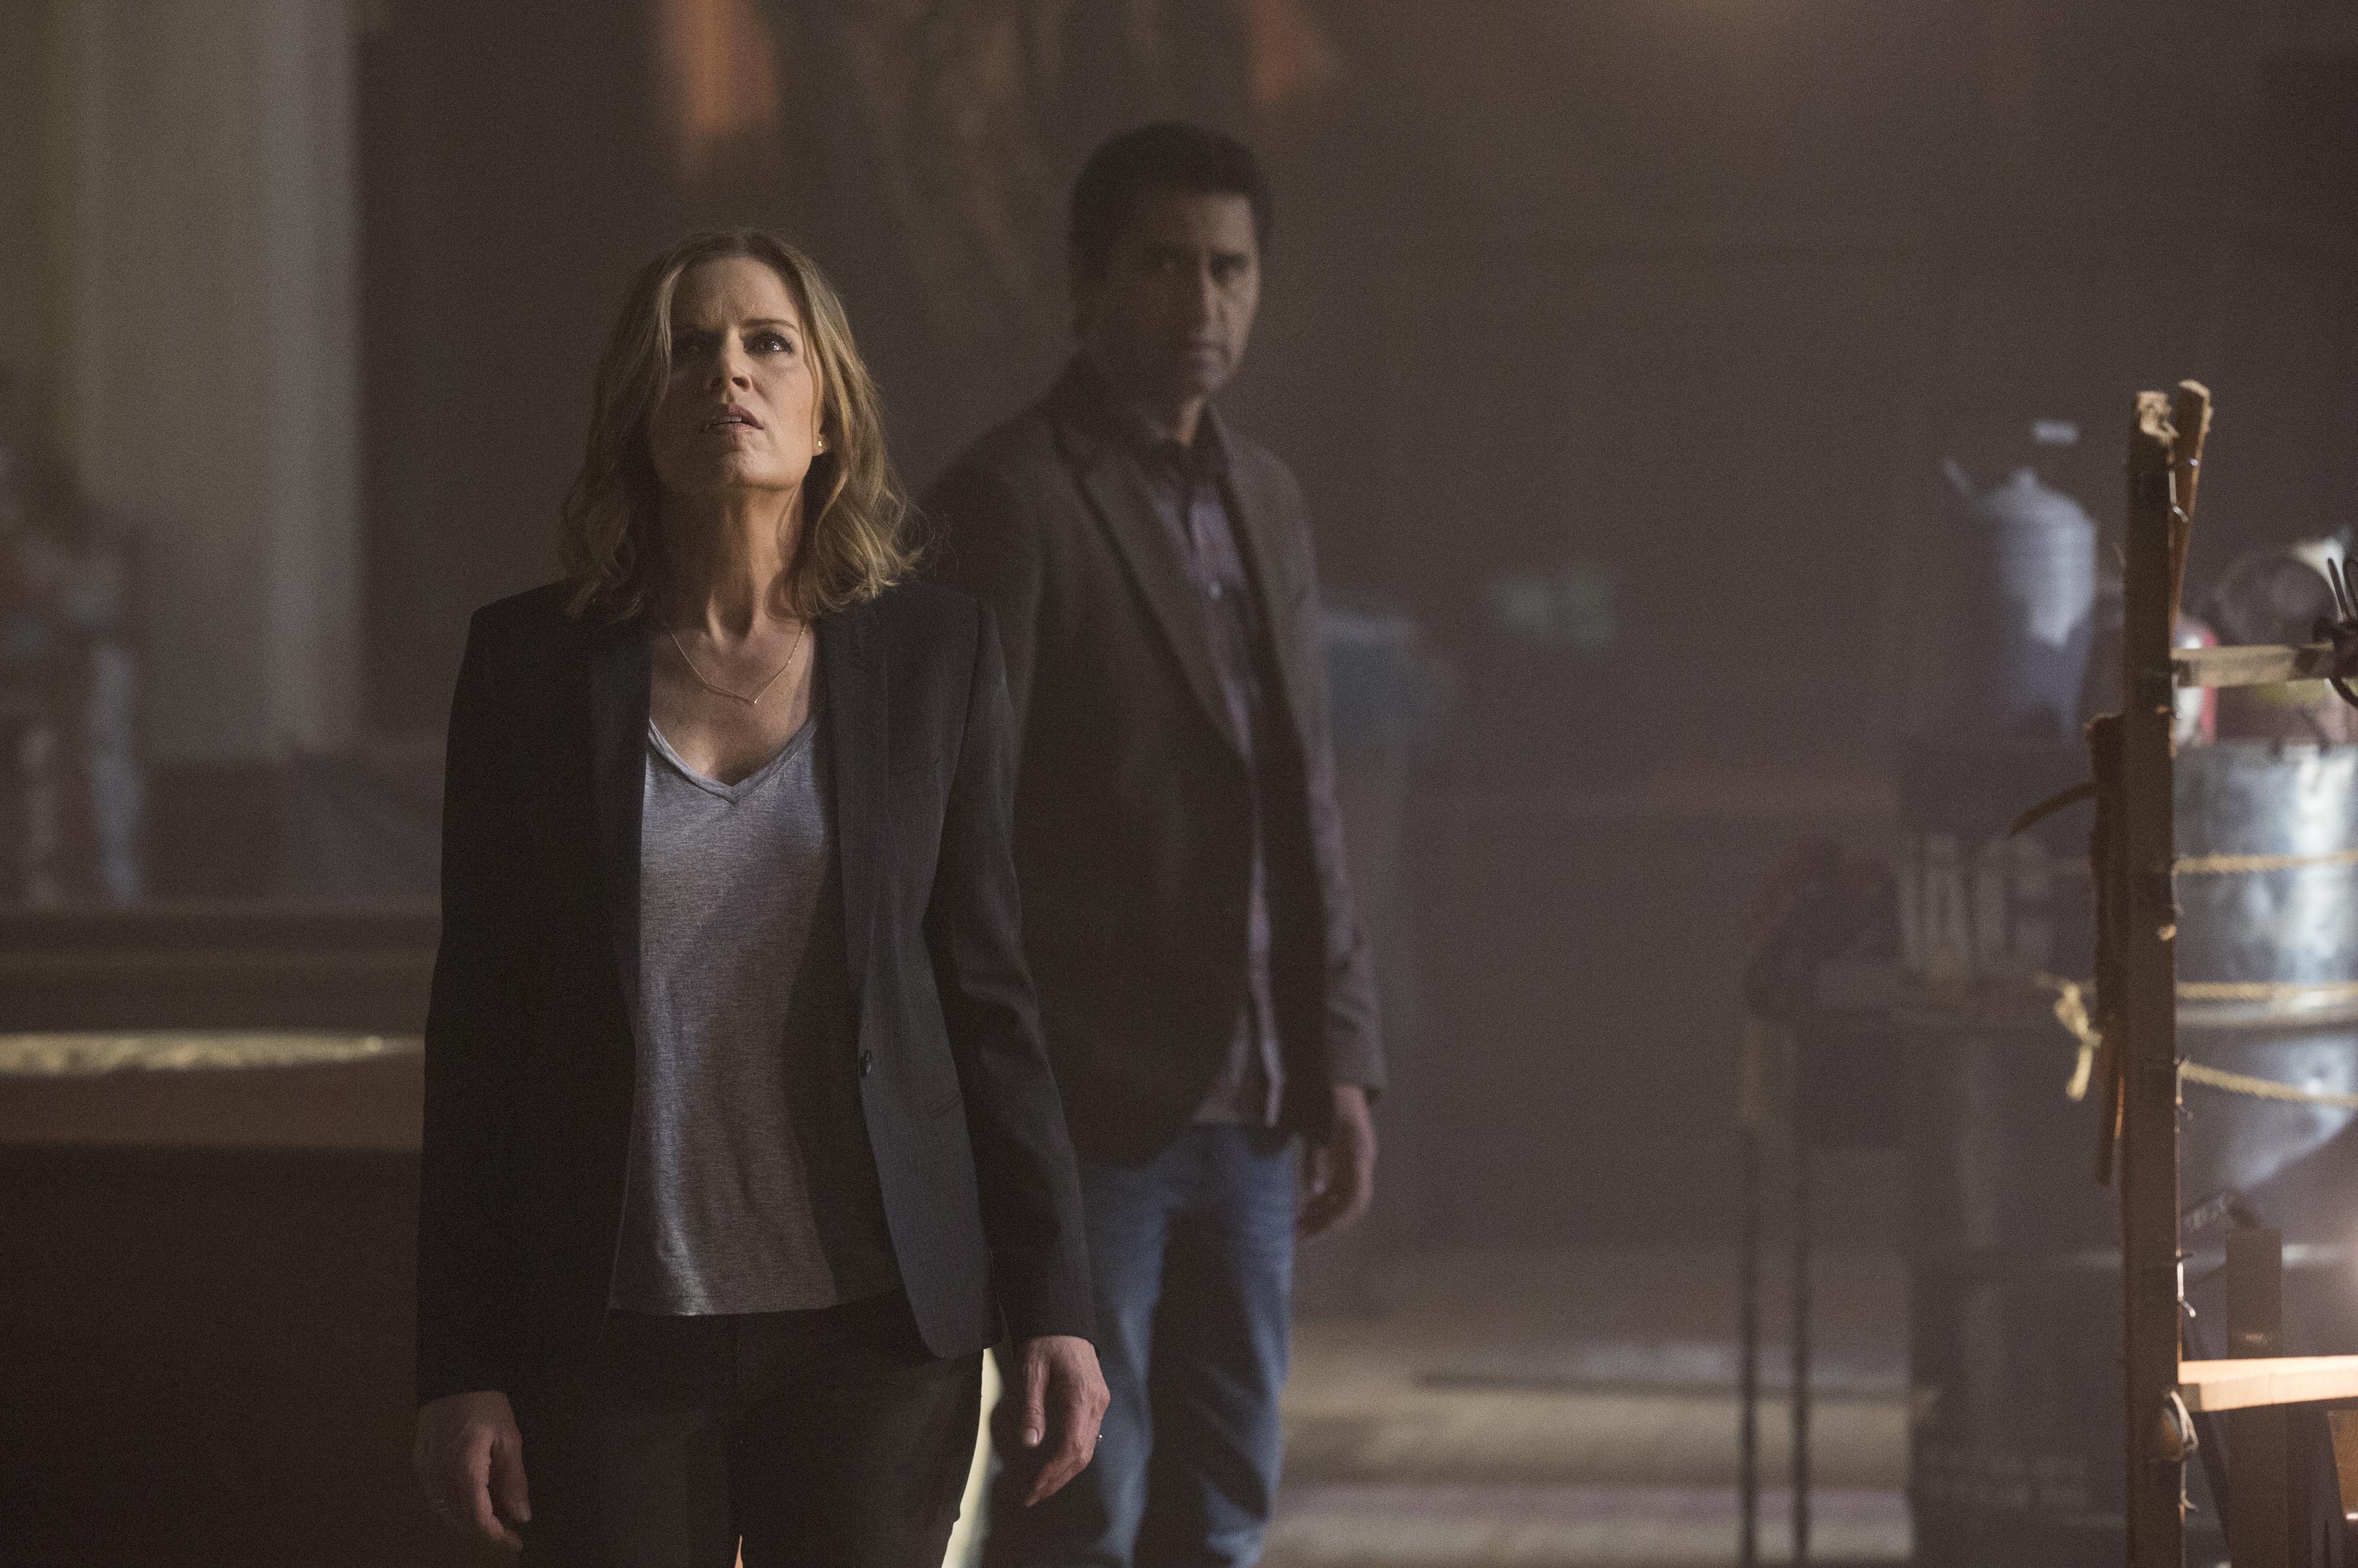 AMC Networks' Fear the Walking Dead